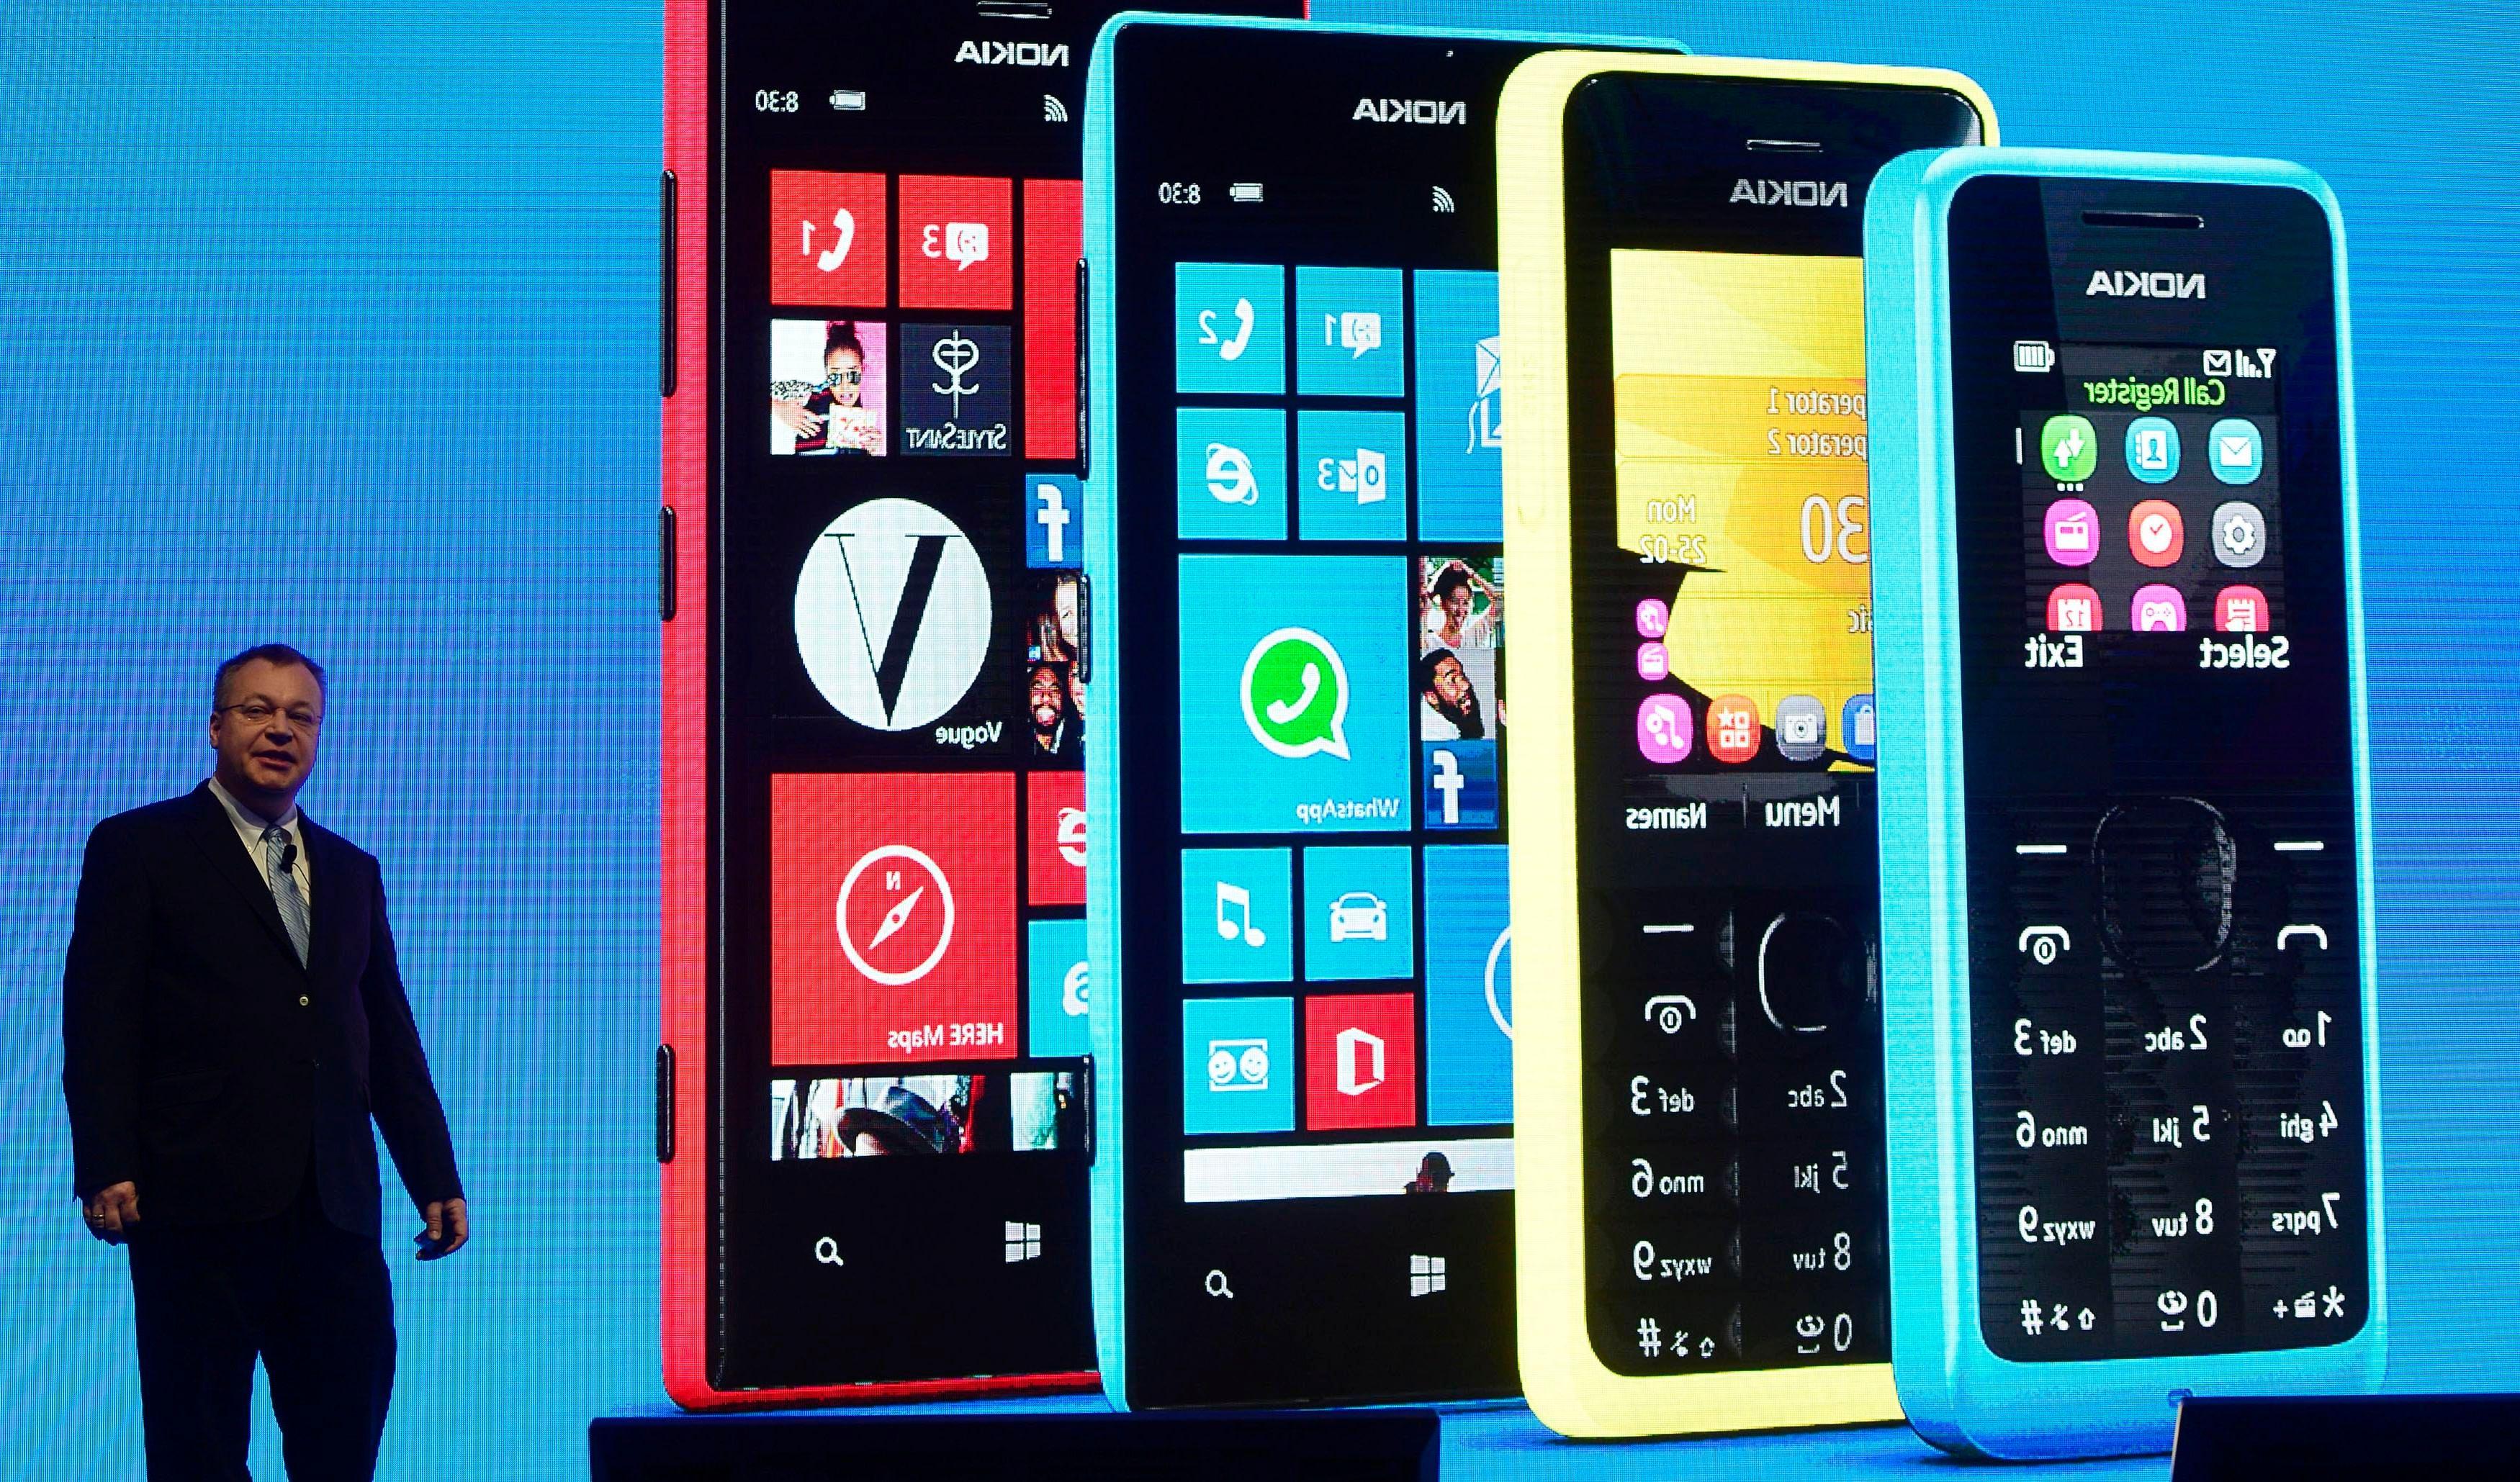 Les entreprises dont les plateformes mobiles dominent désormais le marché, c'est-à-dire Google, Apple et Microsoft, sont américaines.